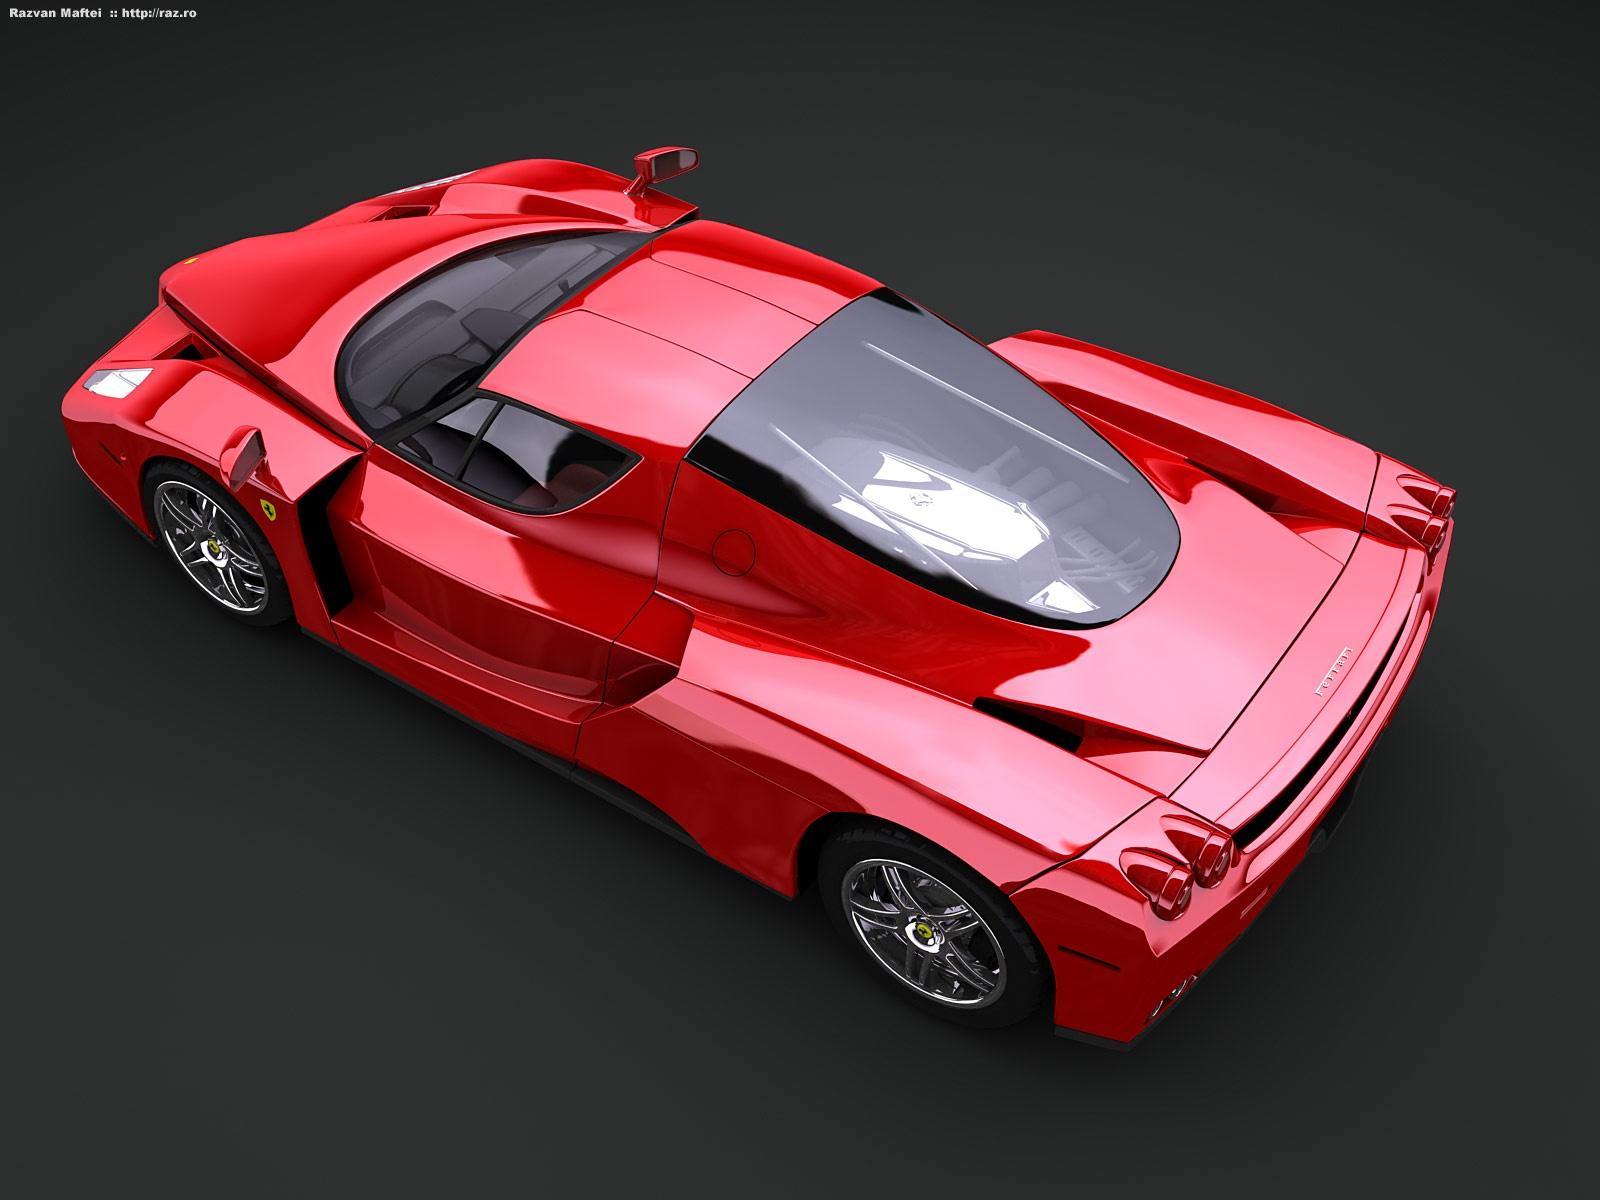 Image Result For Mac Wallpaper Ferrari Fxx Black